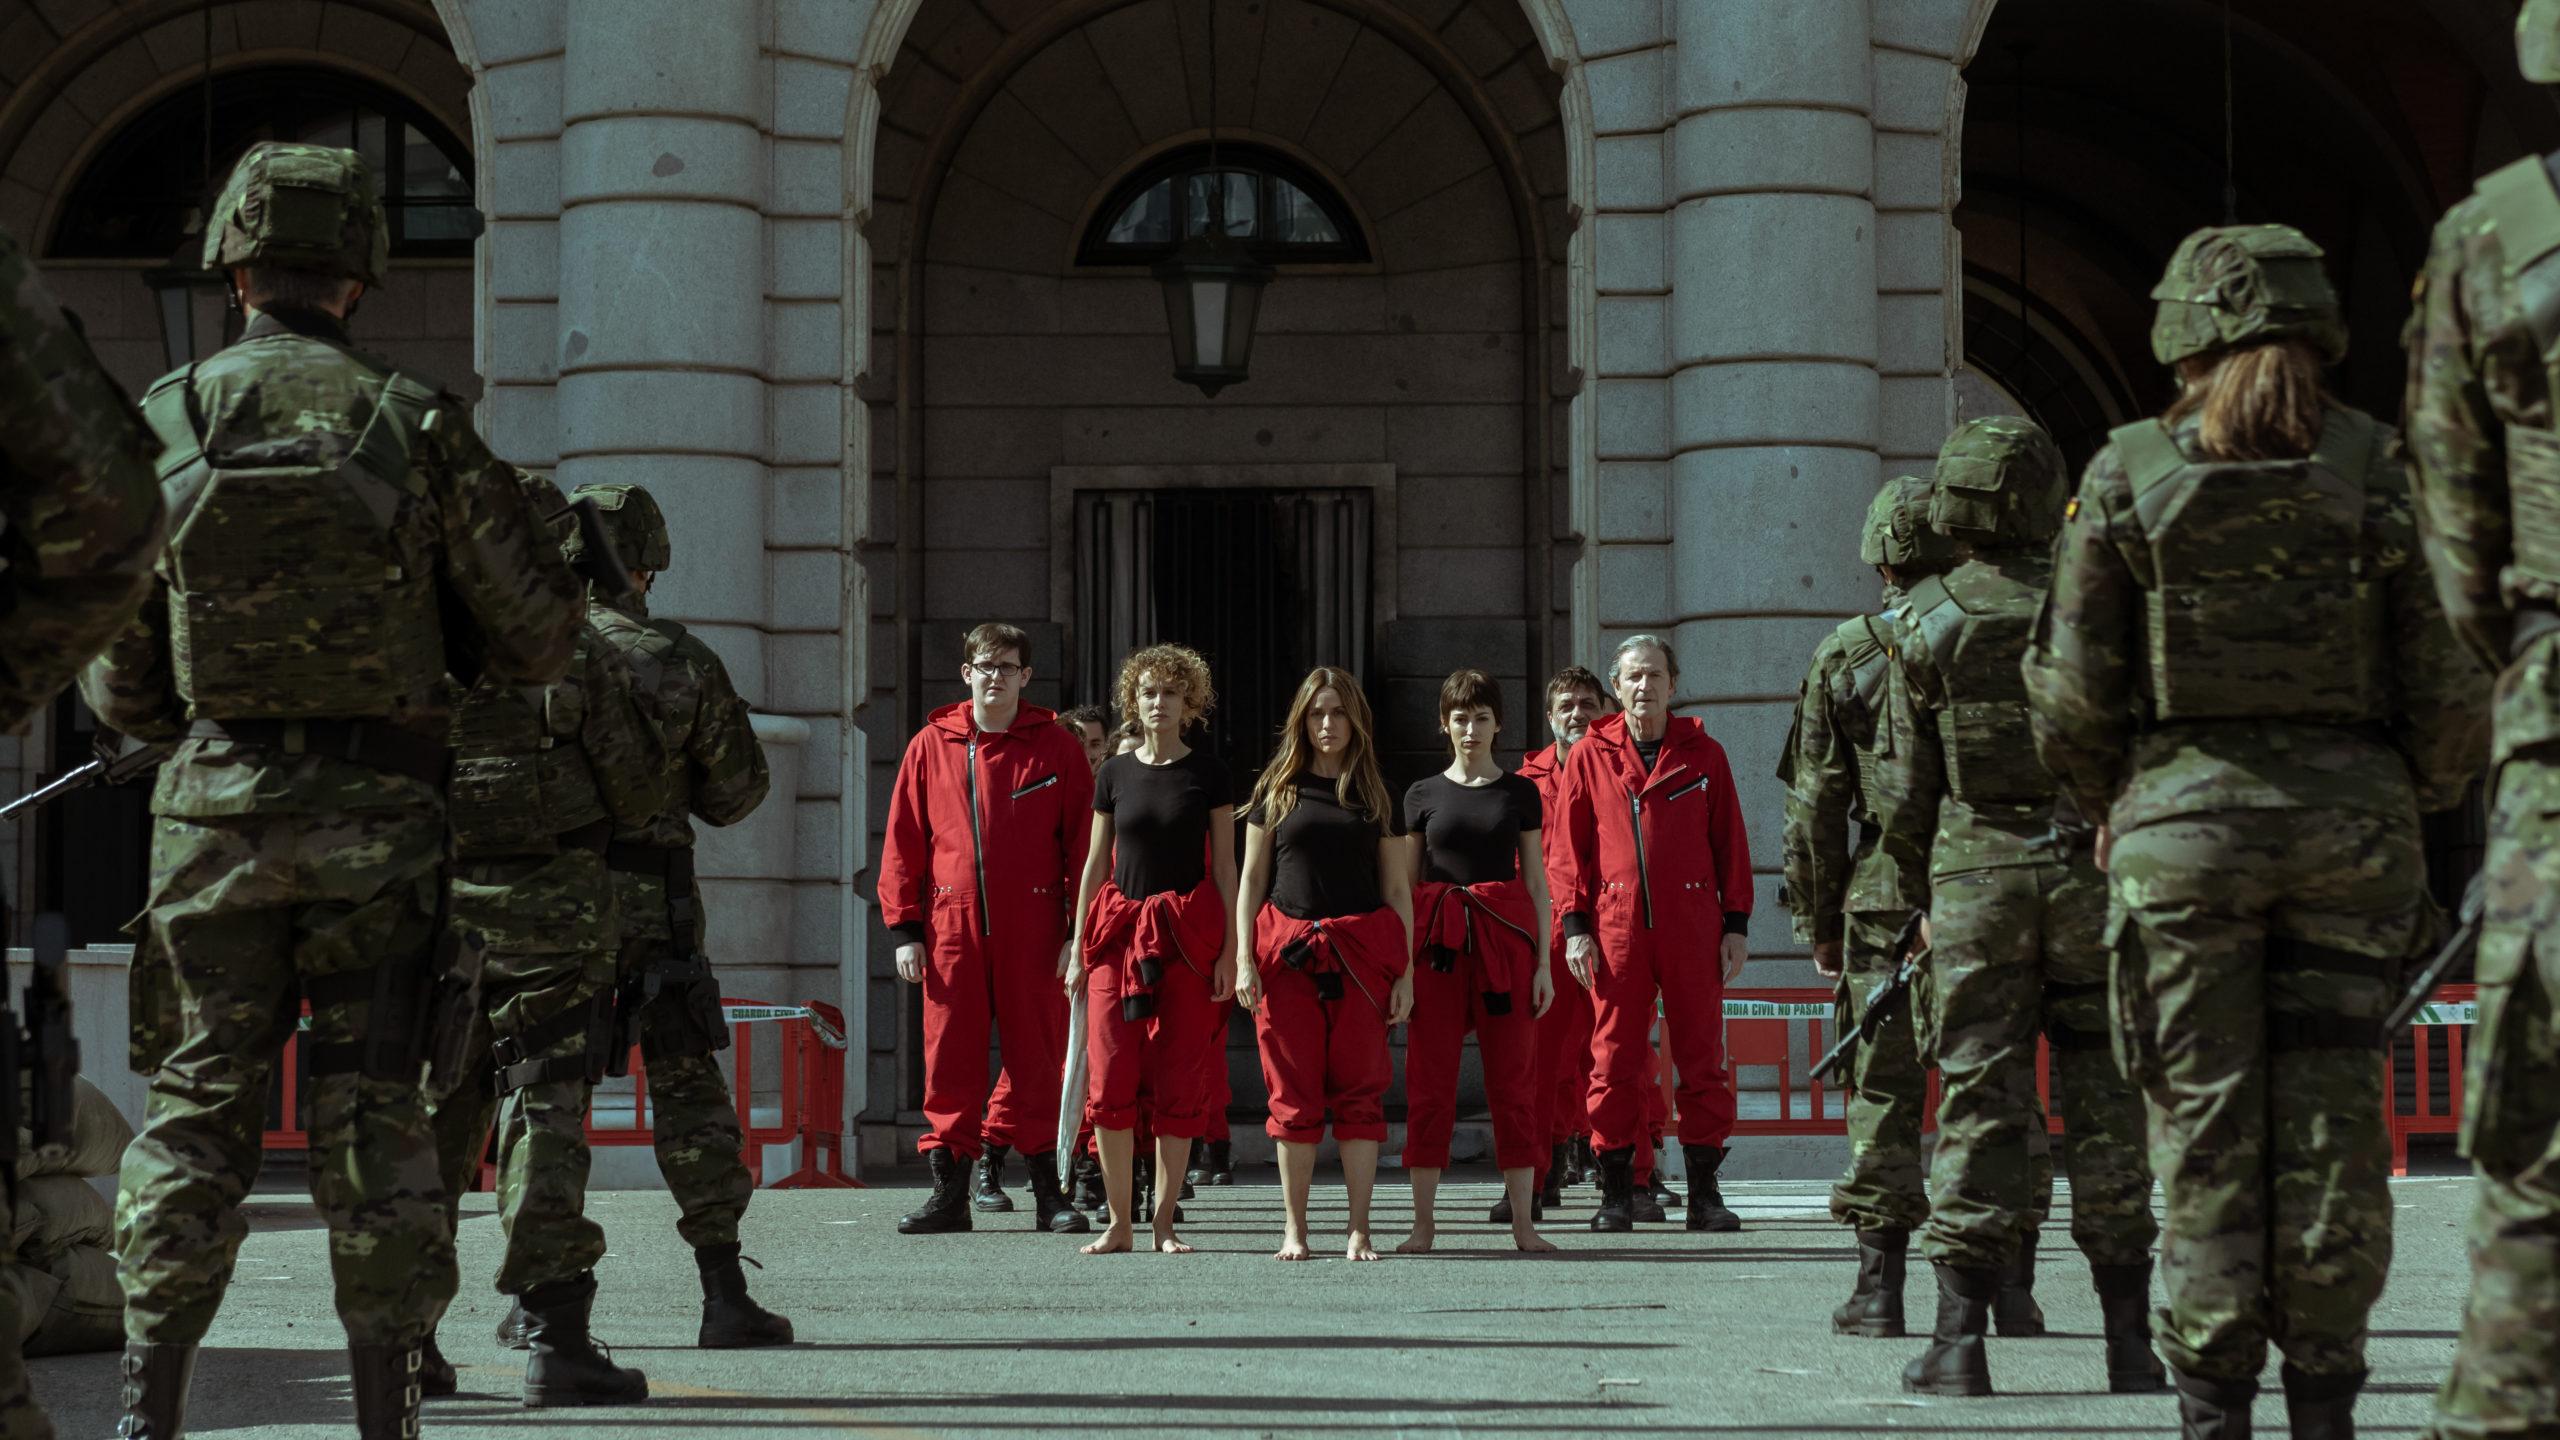 LA CASA DE PAPEL (L to R) CARLOS SUÁREZ as MIGUEL, ESTHER ACEBO as ESTOCOLMO, ITZIAR ITUÑO as LISBOA, ÚRSULA CORBERÓ as TOKIO, ENRIQUE ARCE as ARTURO, PEP MUNNÉ as GOBERNADOR in episode 02 of LA CASA DE PAPEL. Cr. TAMARA ARRANZ/NETFLIX © 2020